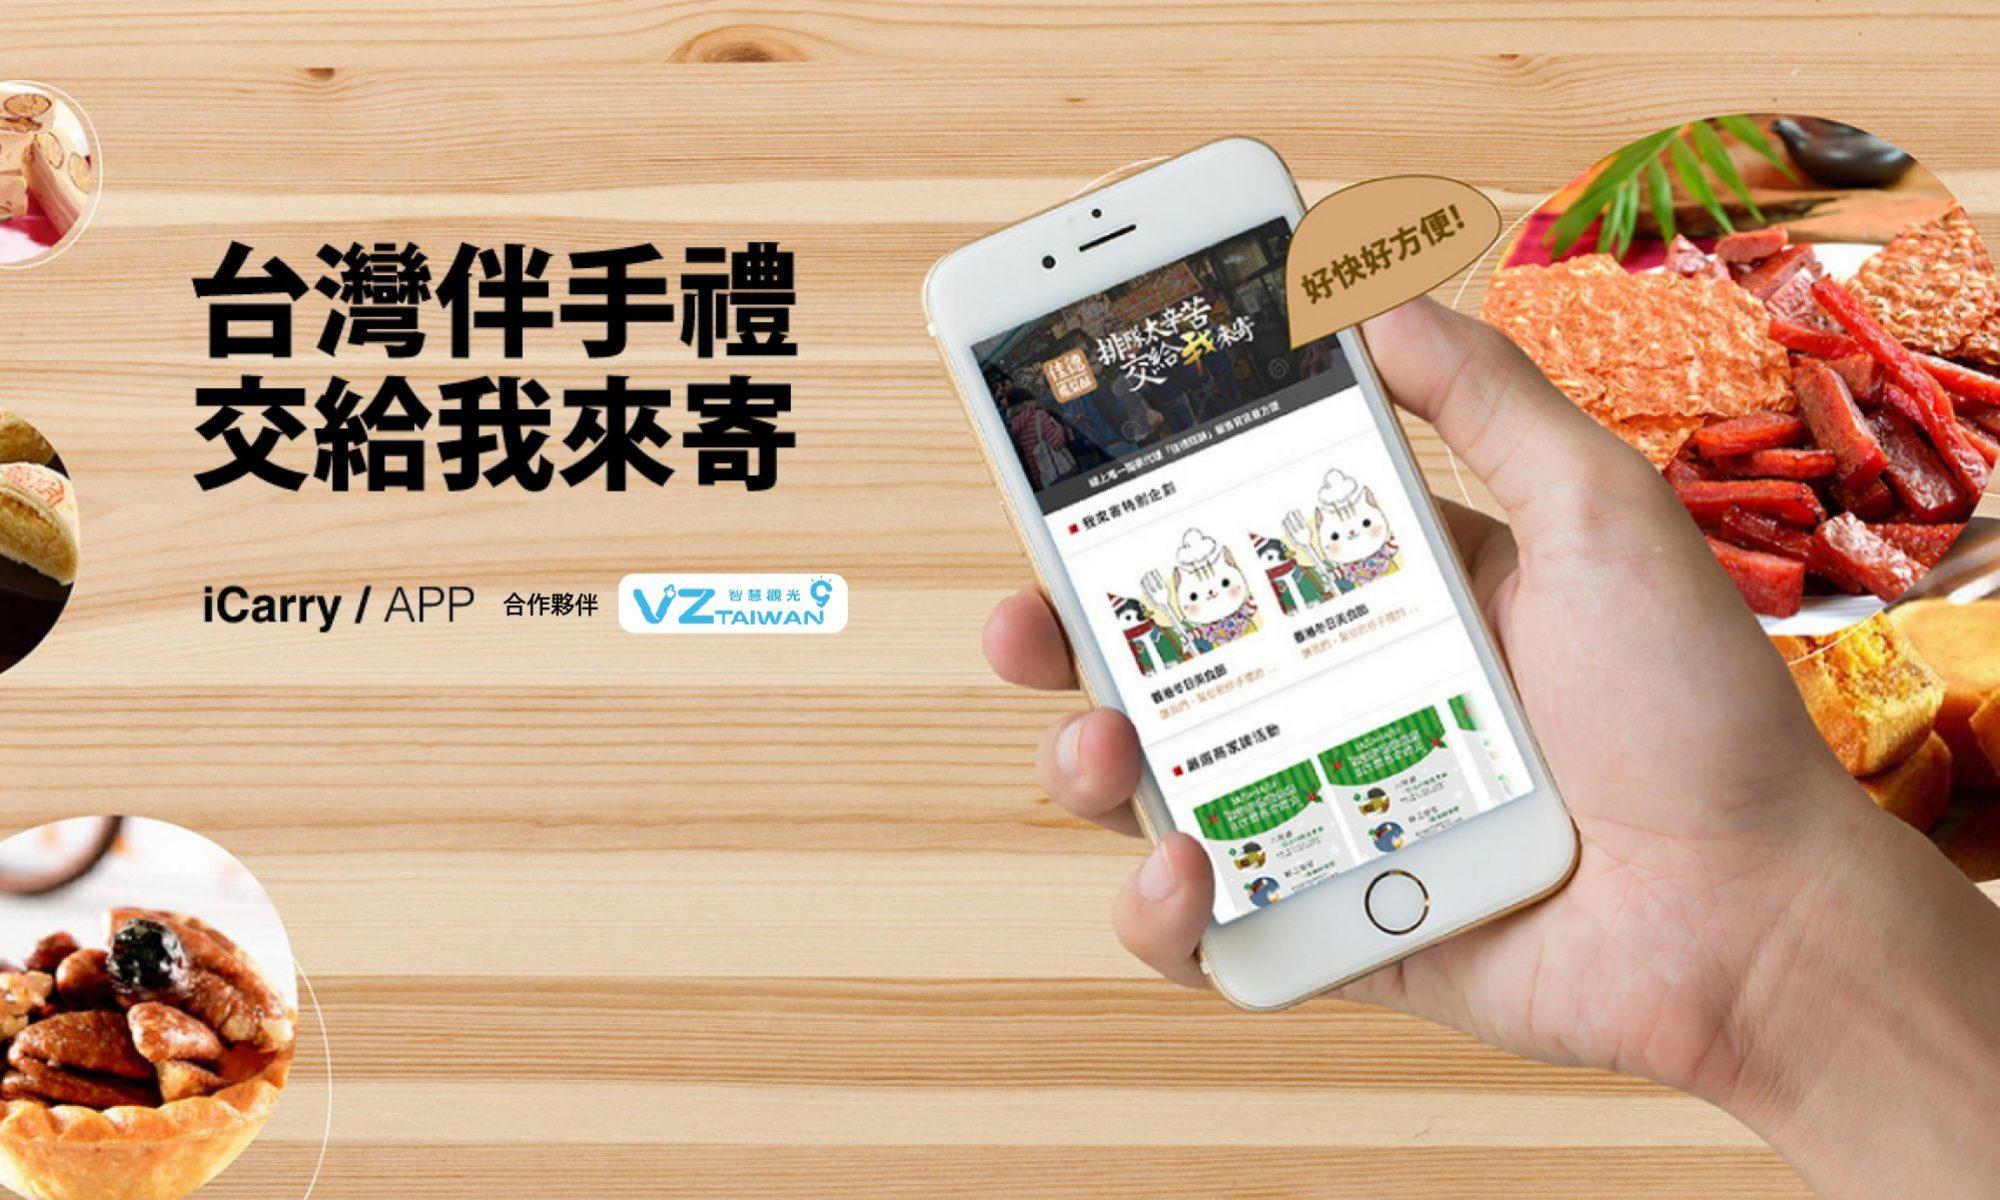 iCarry Blog | 台灣伴手禮,交給「我來寄」